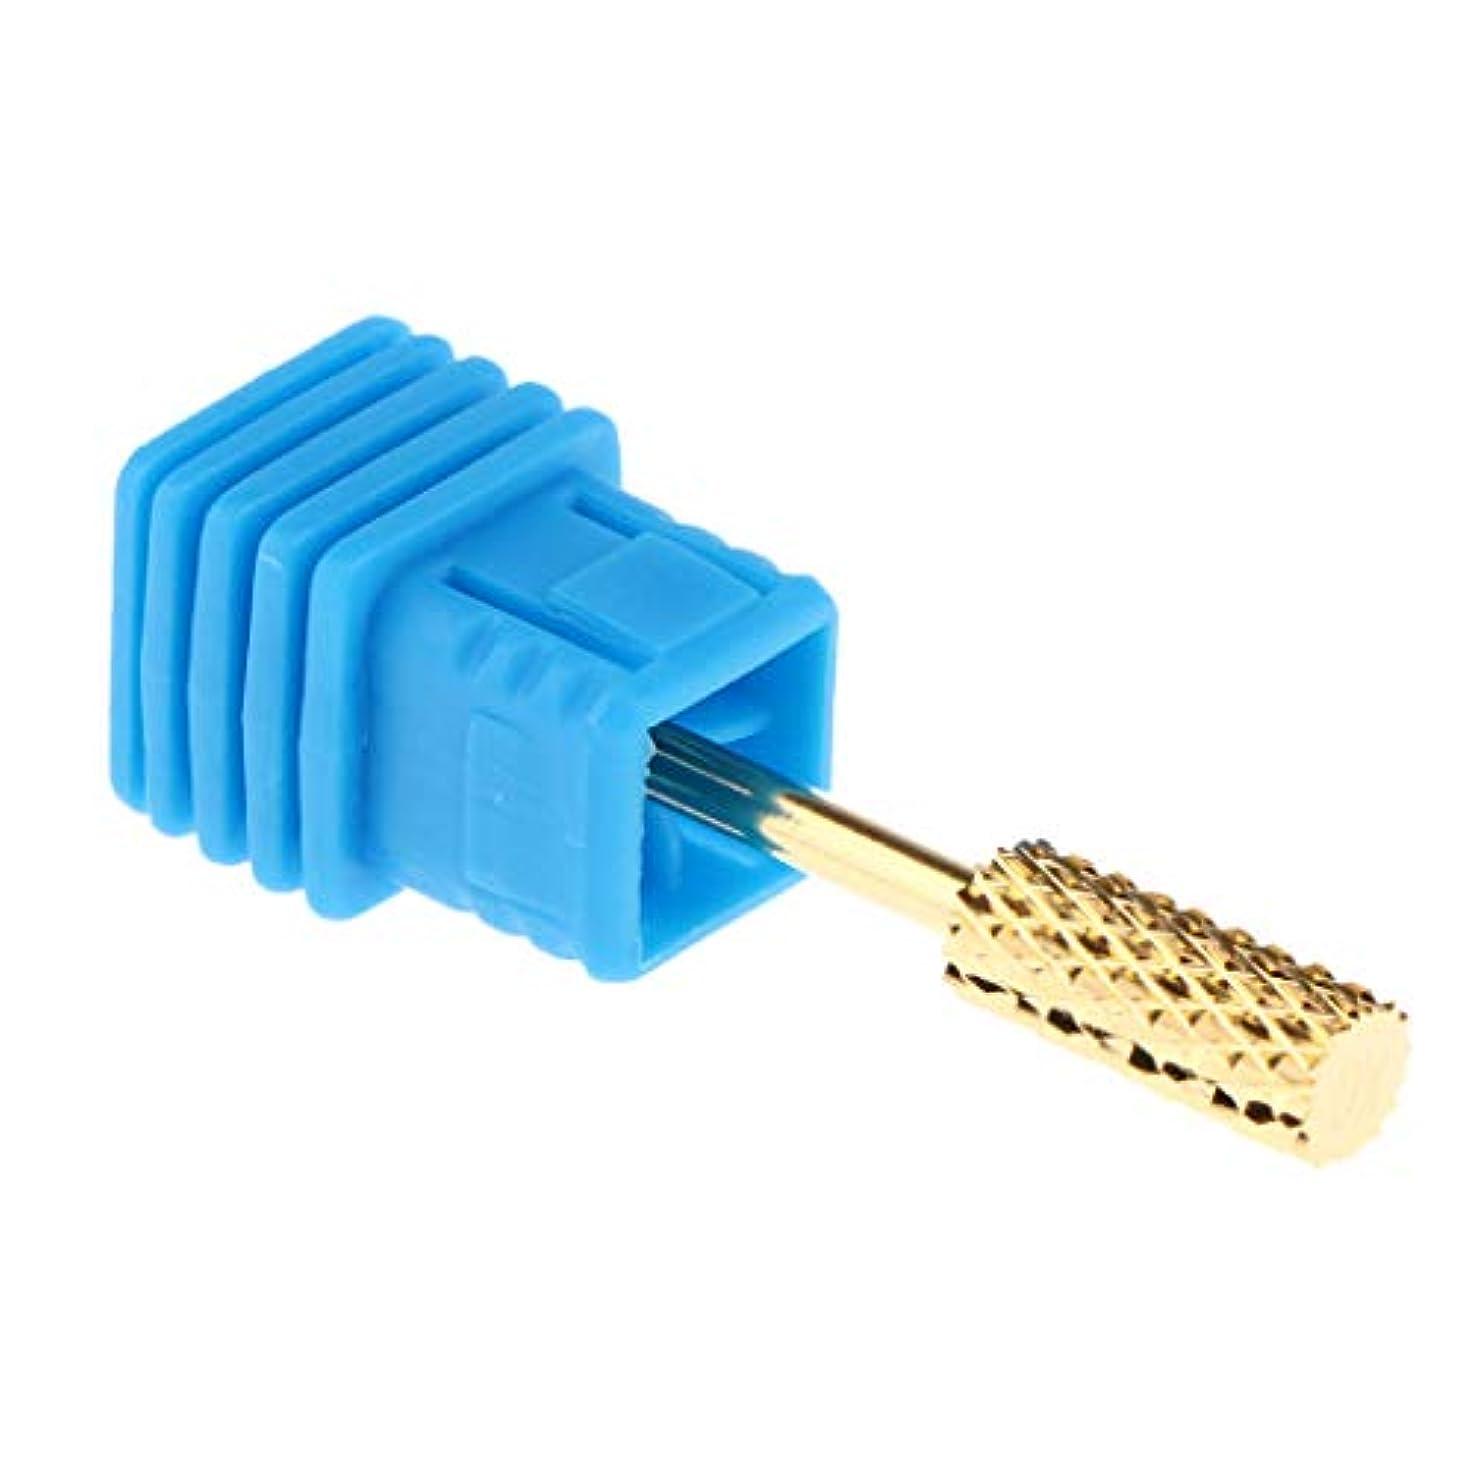 弱めるペイントプレゼン手入れの行き届いたネイルネイルのためのヘッドを挽く電気ネイルドリルビット - XC